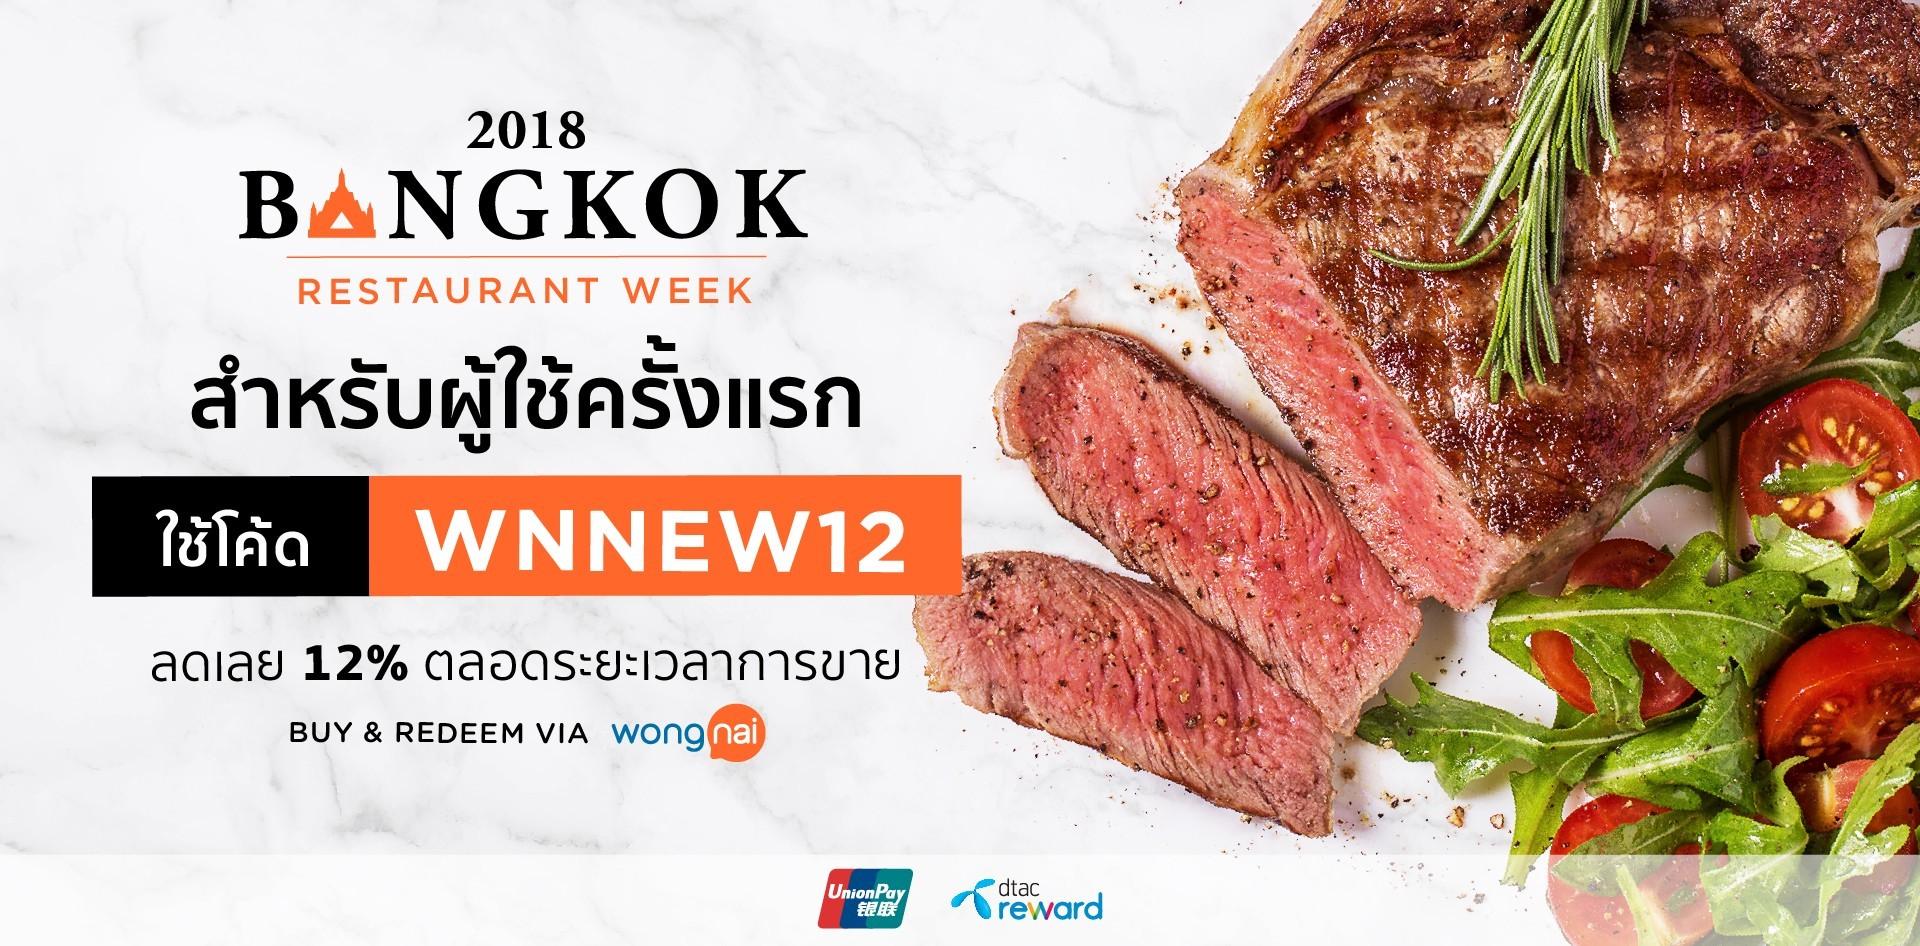 สำหรับผู้ใช้ครั้งแรก ใช้โค้ด WNNEW12 รับส่วนลดทันที 12% เมื่อซื้อดีล Bangkok Restaurant Week 2018